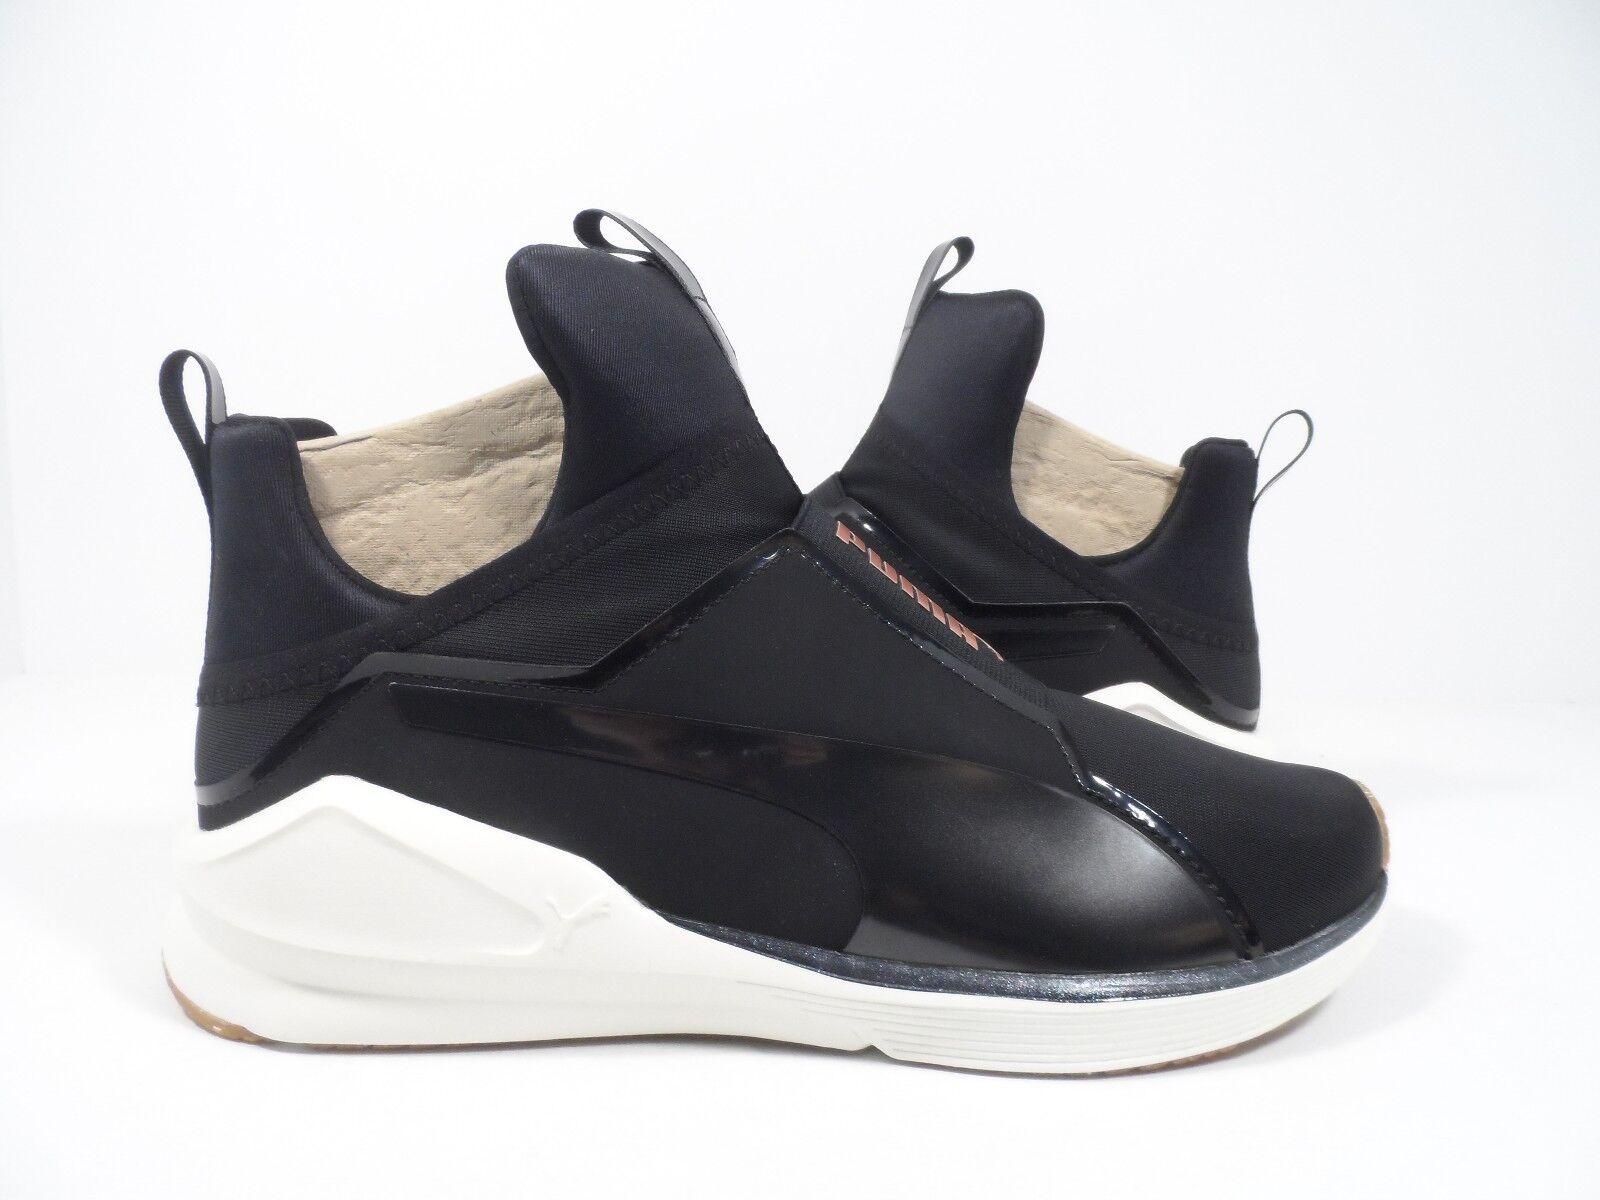 PUMA Women's Fierce vr Wn Sneaker Sneaker Sneaker Puma Black Whisper White Size 8 0ee335